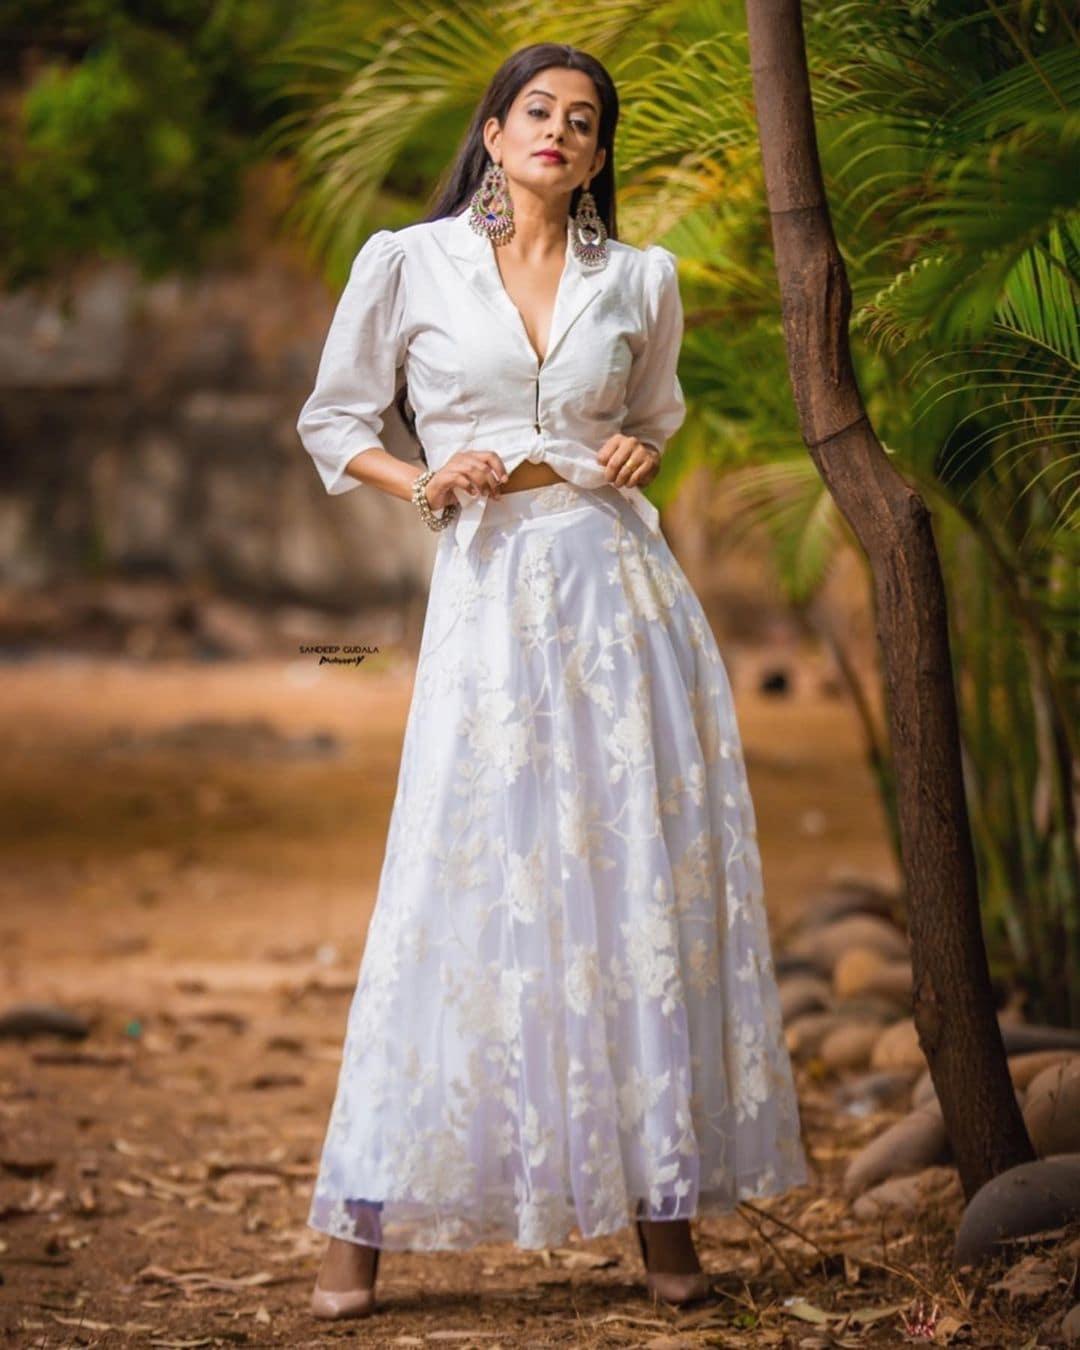 நடிகை பிரியாமணி ( Image : Instagram @pillumani)